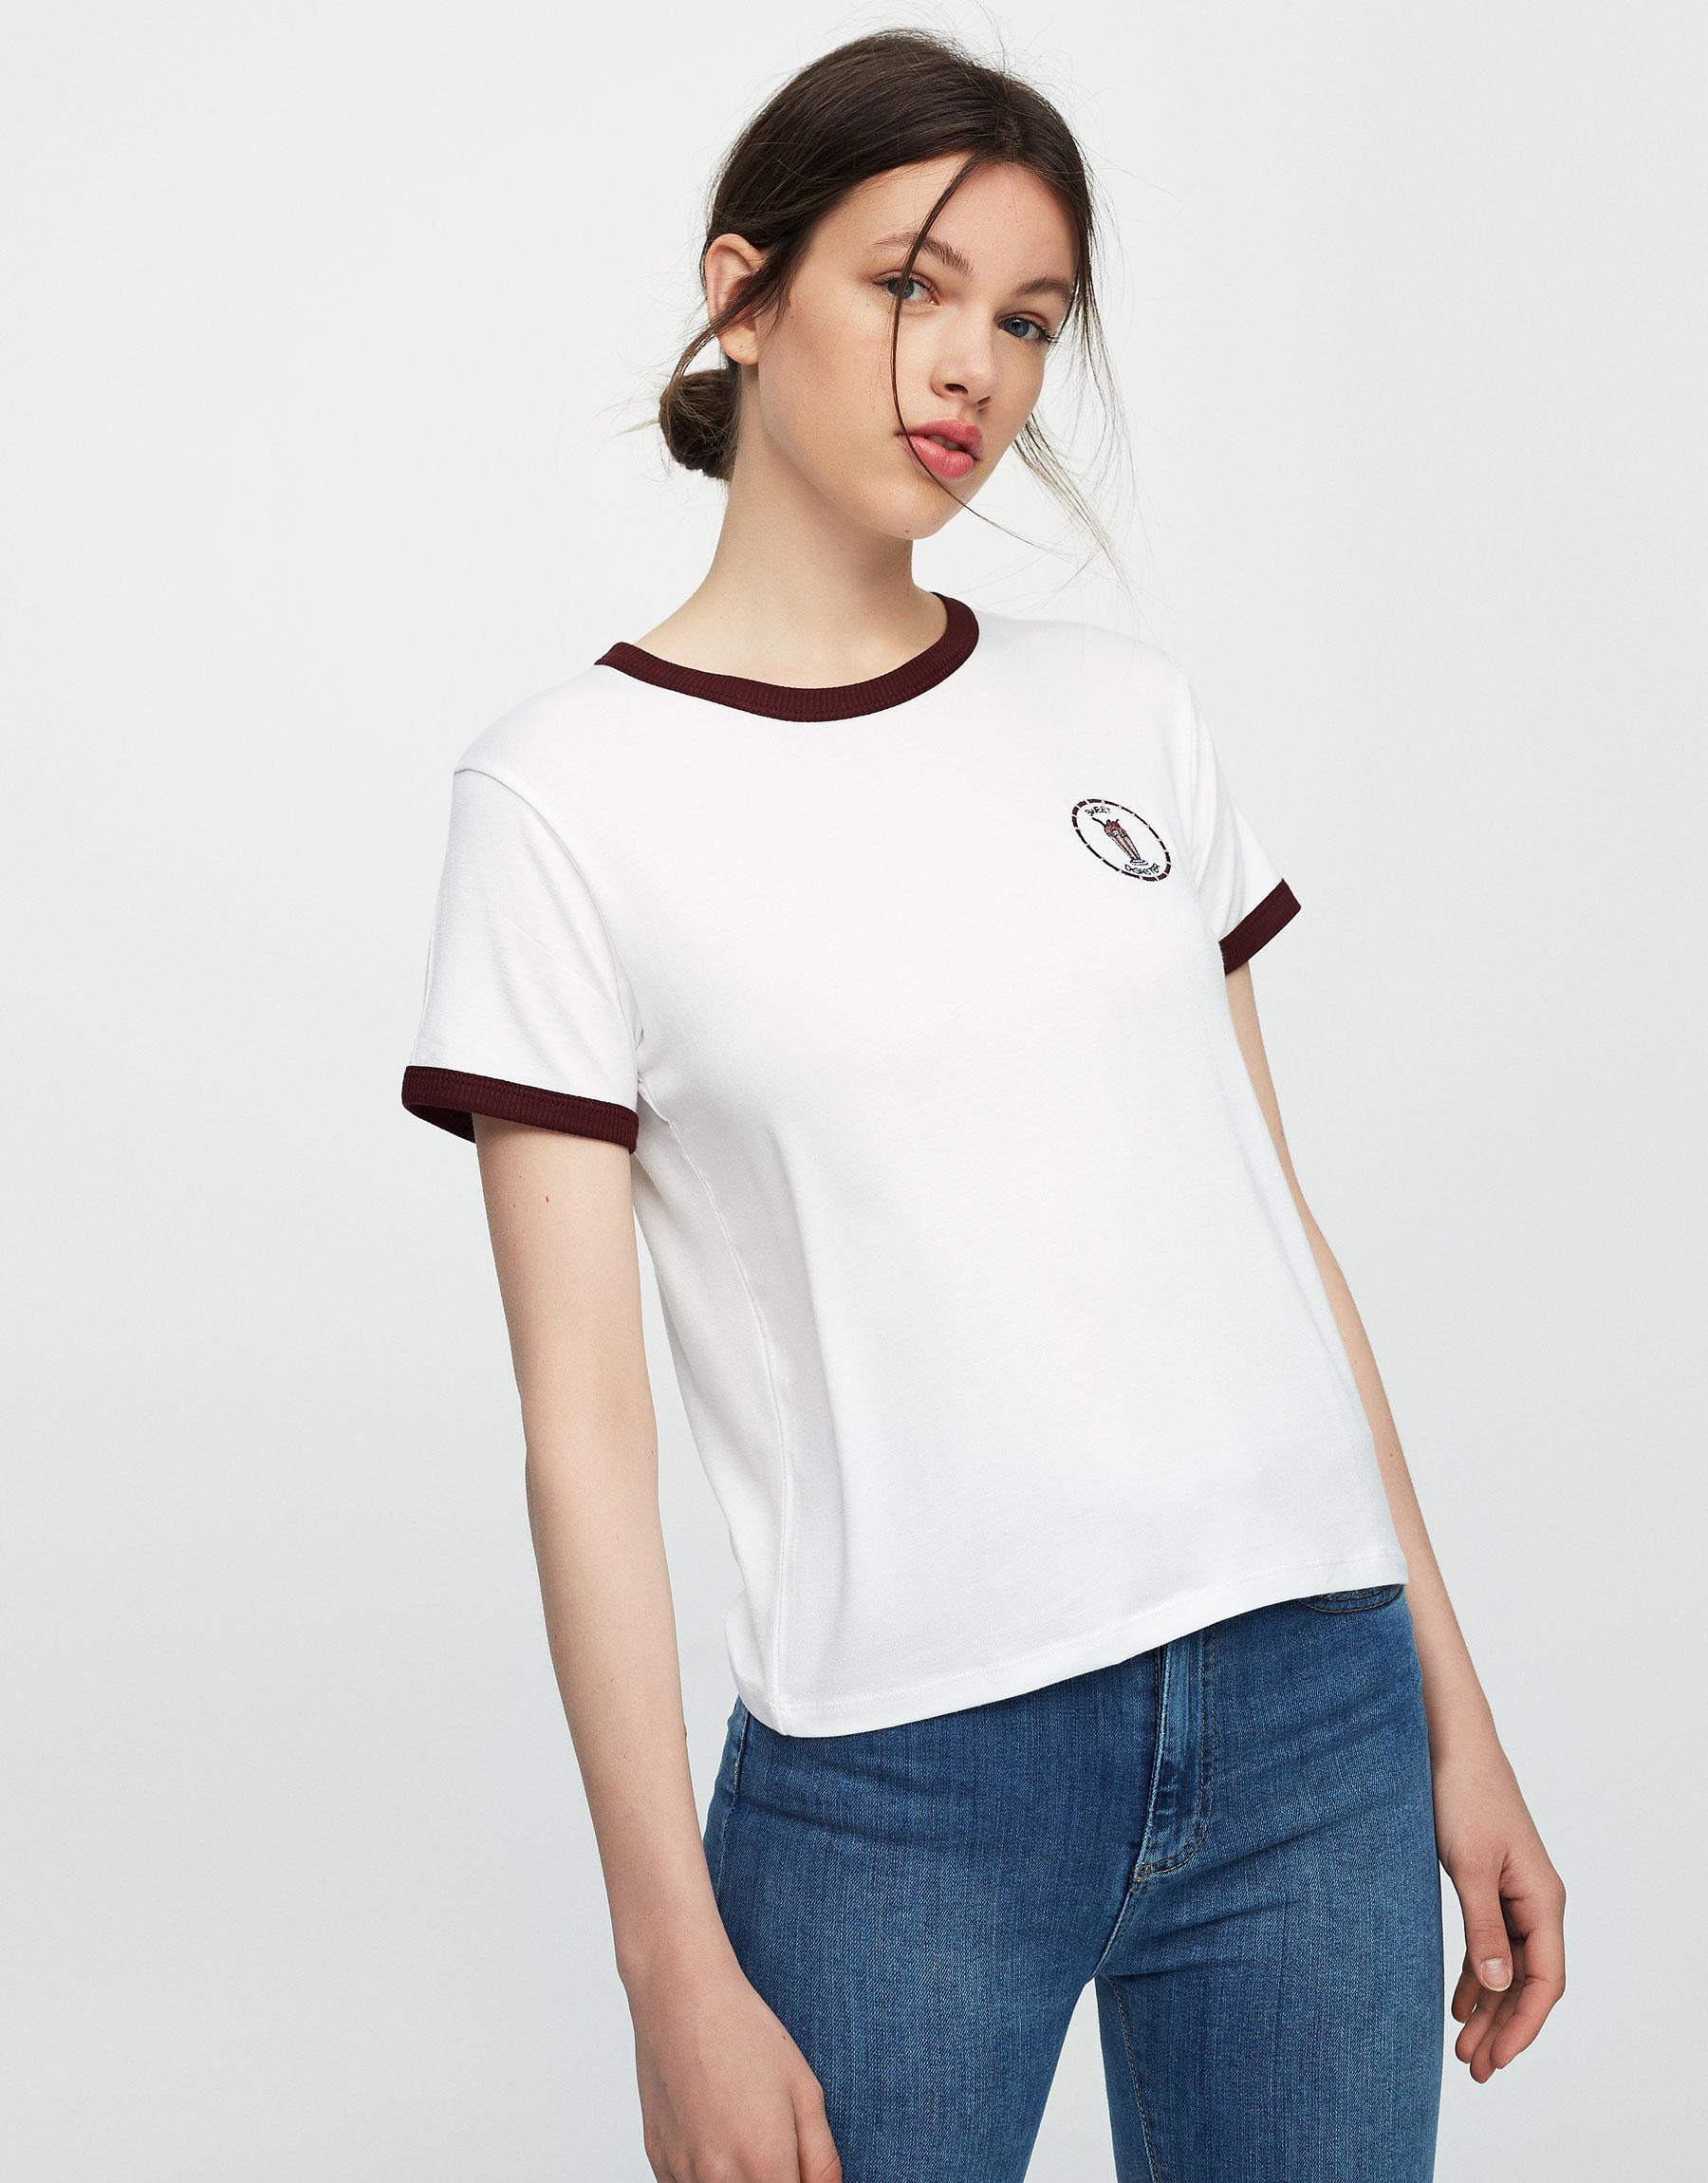 T-shirt com remendos